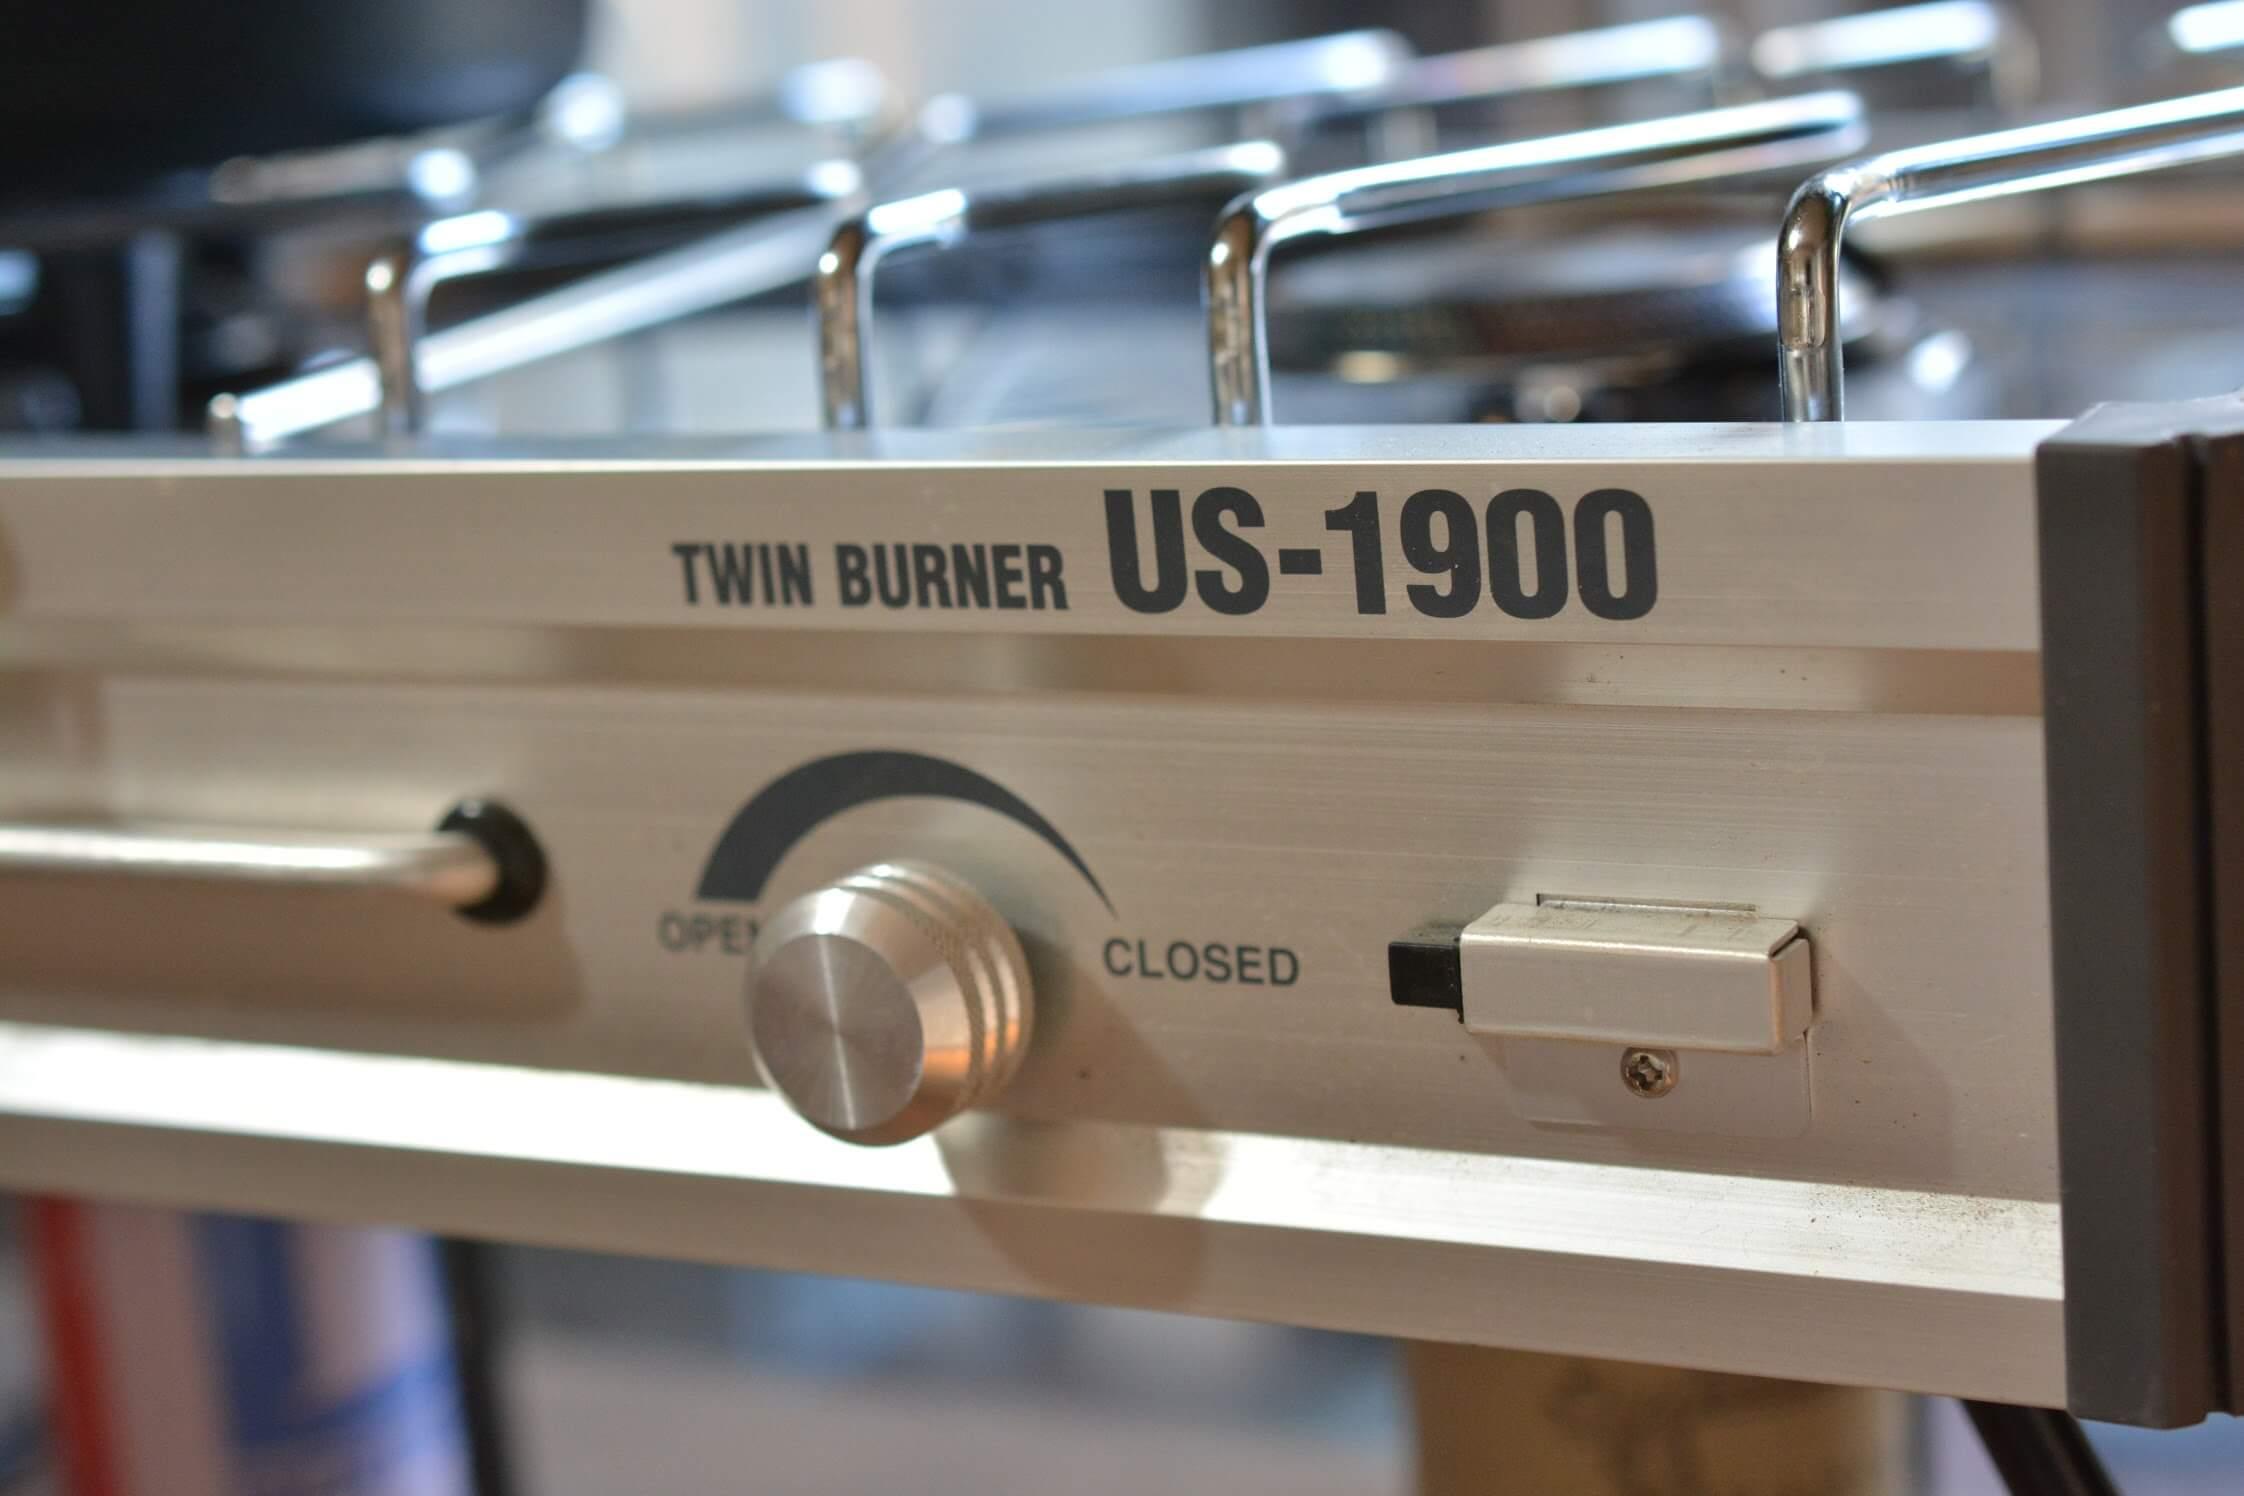 ユニフレーム ツインバーナーUS-1900 ガス調整つまみ&点火スイッチ